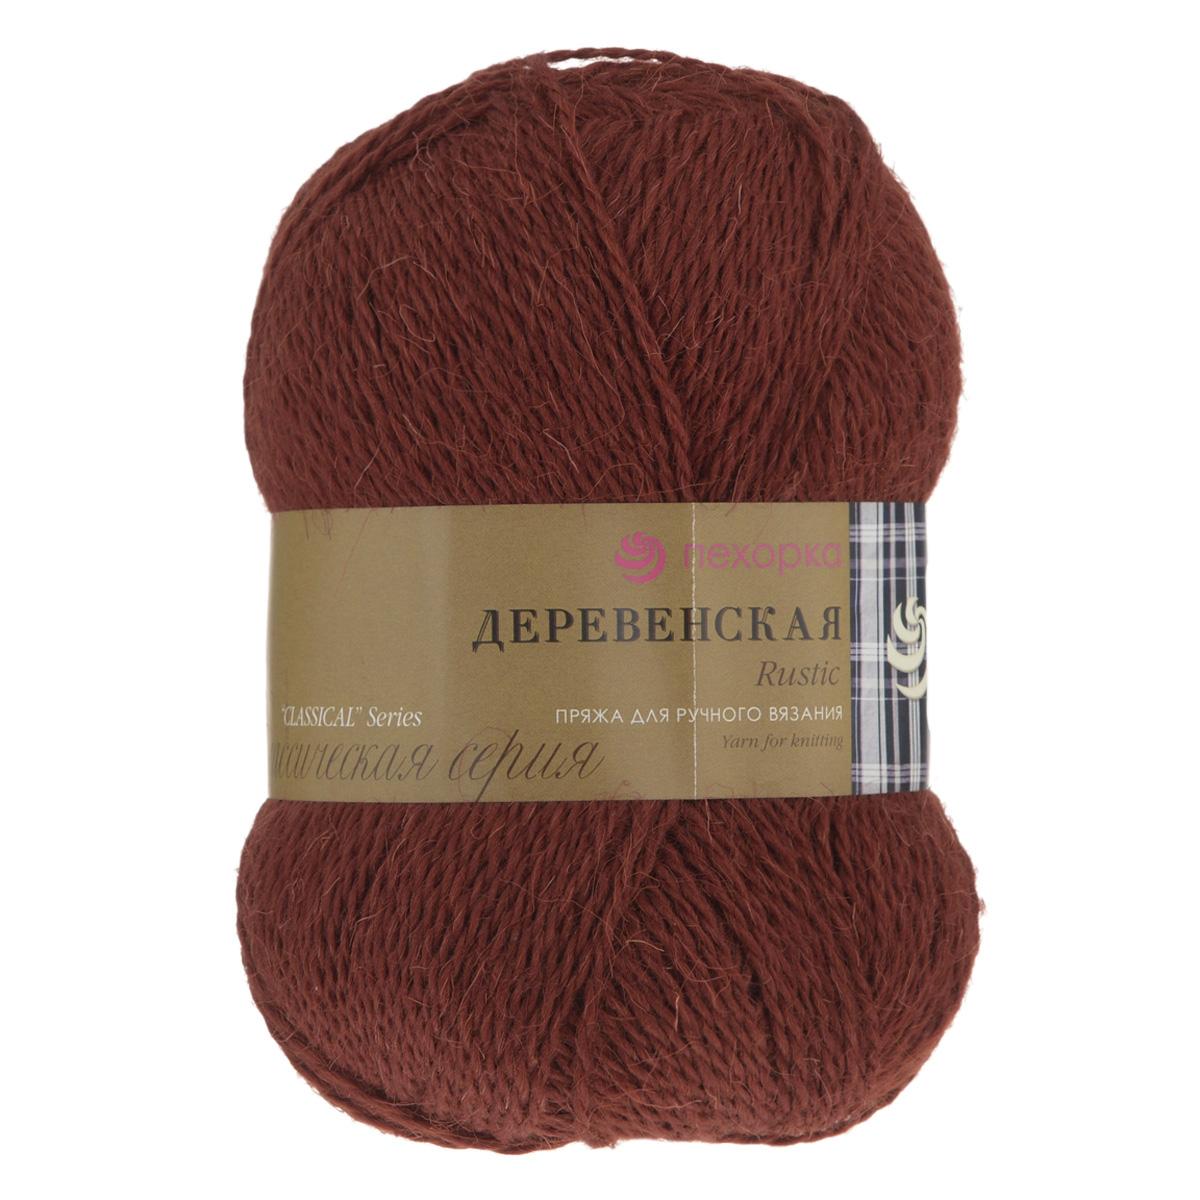 Пряжа для вязания Пехорка Деревенская, цвет: красное дерево (487), 250 м, 100 гр, 10 шт360039_487_487-Красное деревоПряжа для вязания Пехорка Деревенская изготовлена из 100% полугрубой шерсти. Деревенской названа потому что, в те прошлые далекие годы наши бабушки обрабатывали шерсть вручную, выпрядали пряжу и вязали рукавицы, носки, жилетки, свитера. Такой трикотаж получается колючий, но теплый, а также прекрасно держит форму. Рекомендуемые спицы для вязания №3,5. Толщина нити: 2 мм.